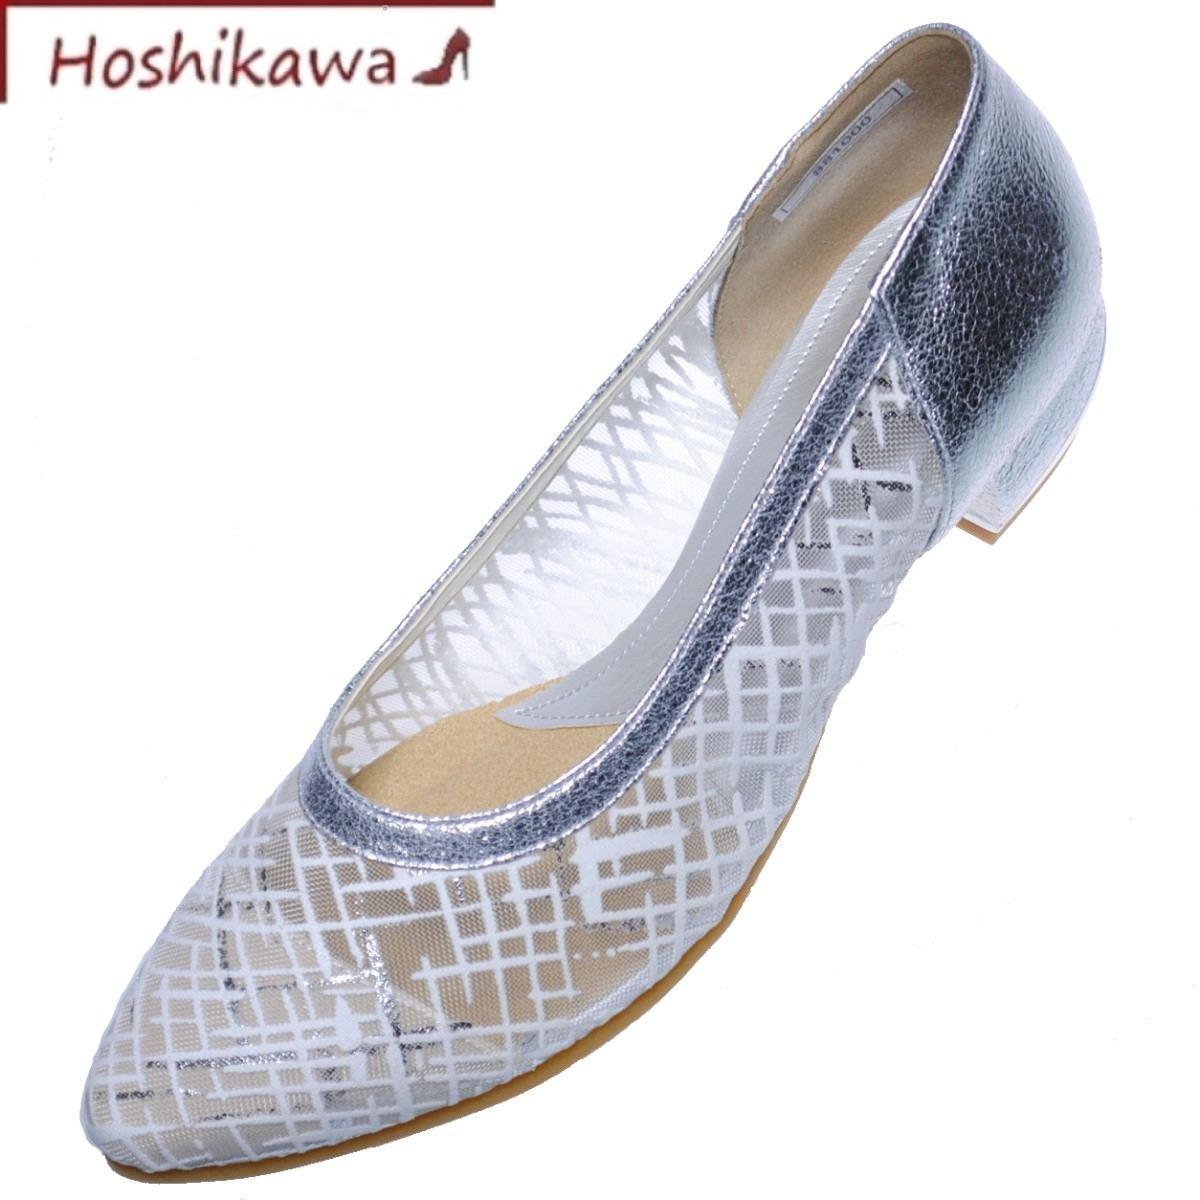 【靴のHOSHIKAWA】 『MONET 881000』 モネ ホワイト21.5cm~24.5cm EEE 春夏パンプス レディース ローヒール 牛革 チュールレース